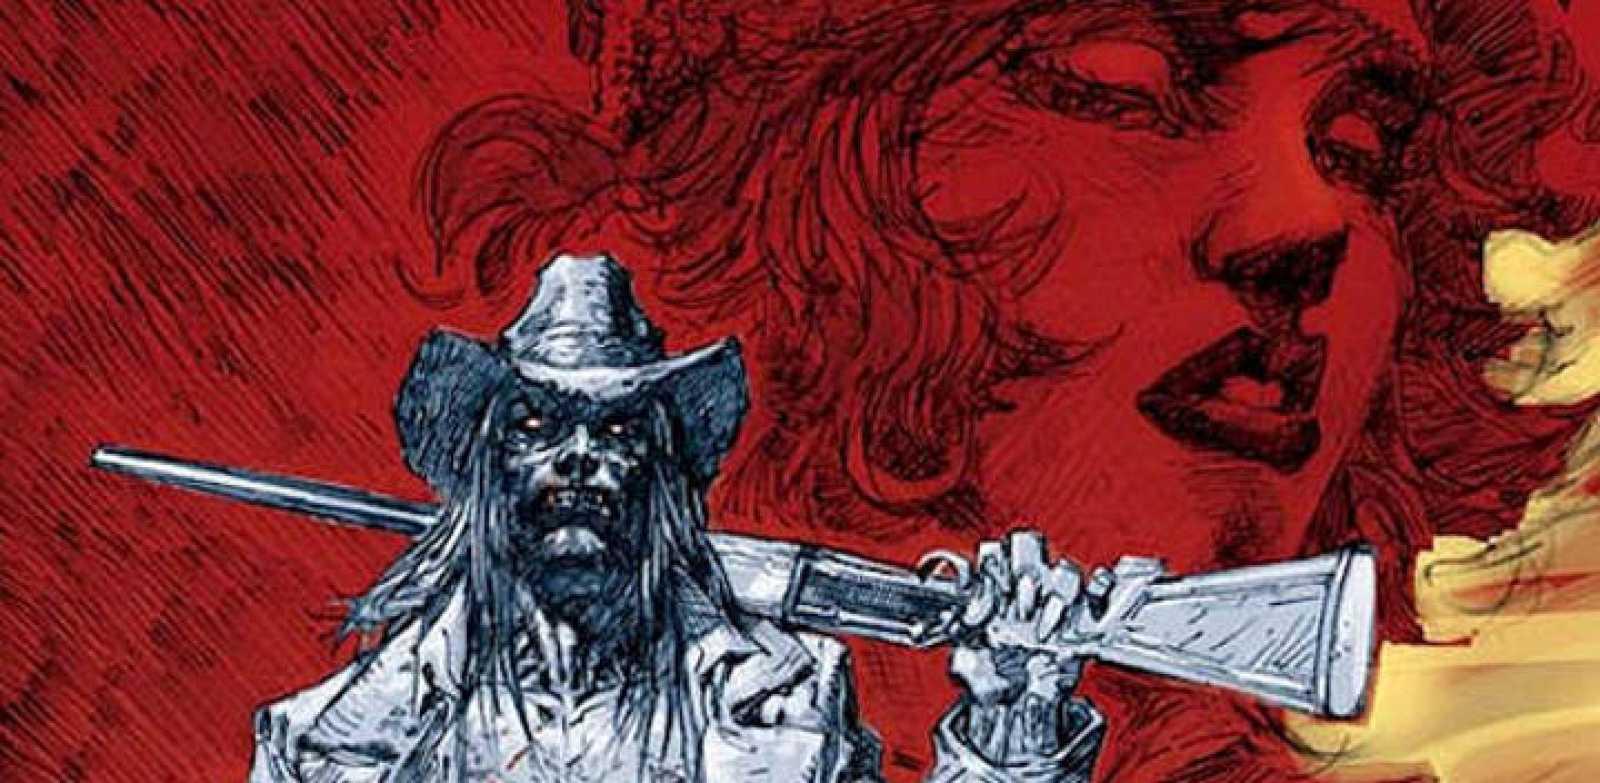 Detalle de una portada de JIm Lee para 'American Vampire'